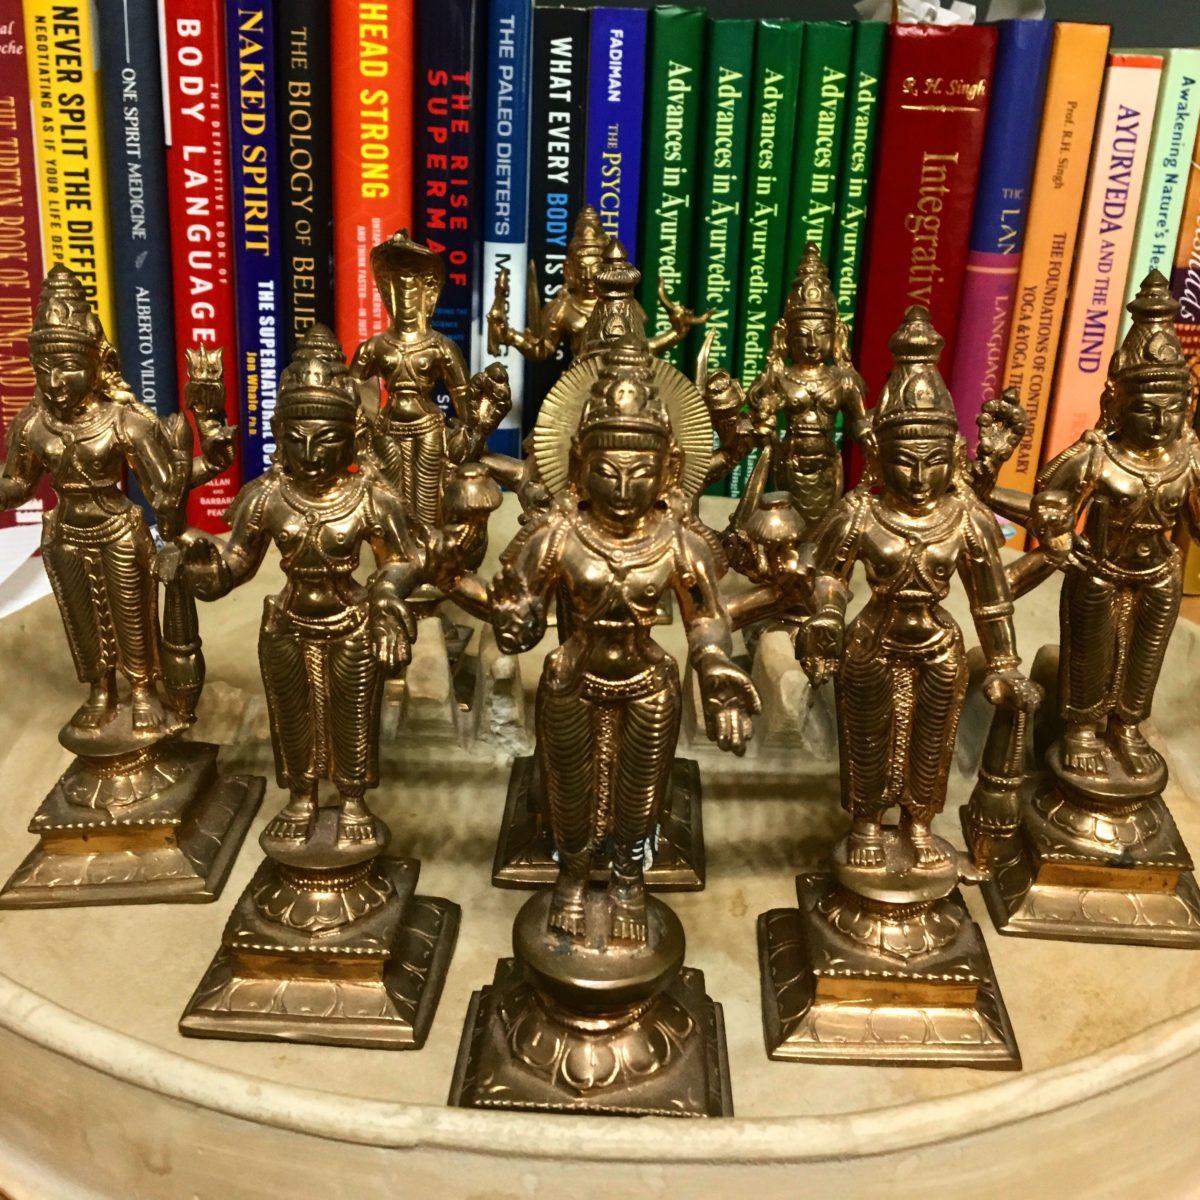 Sanskrit, Misery and Bliss